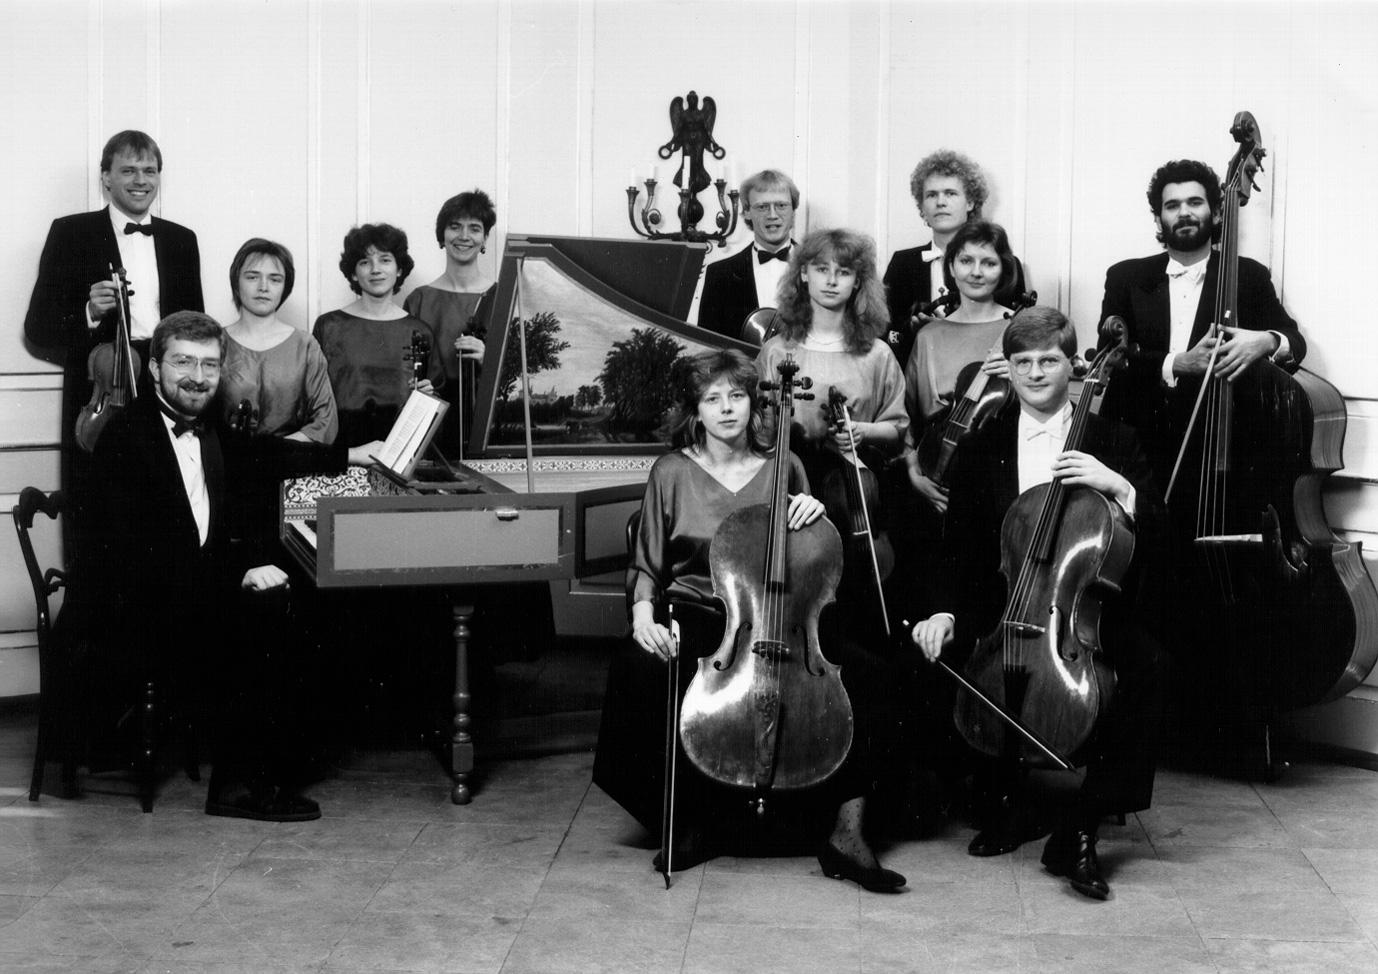 Das Freiburger Barockorchester anno 1989, zwei Jahre nach der Gründung.